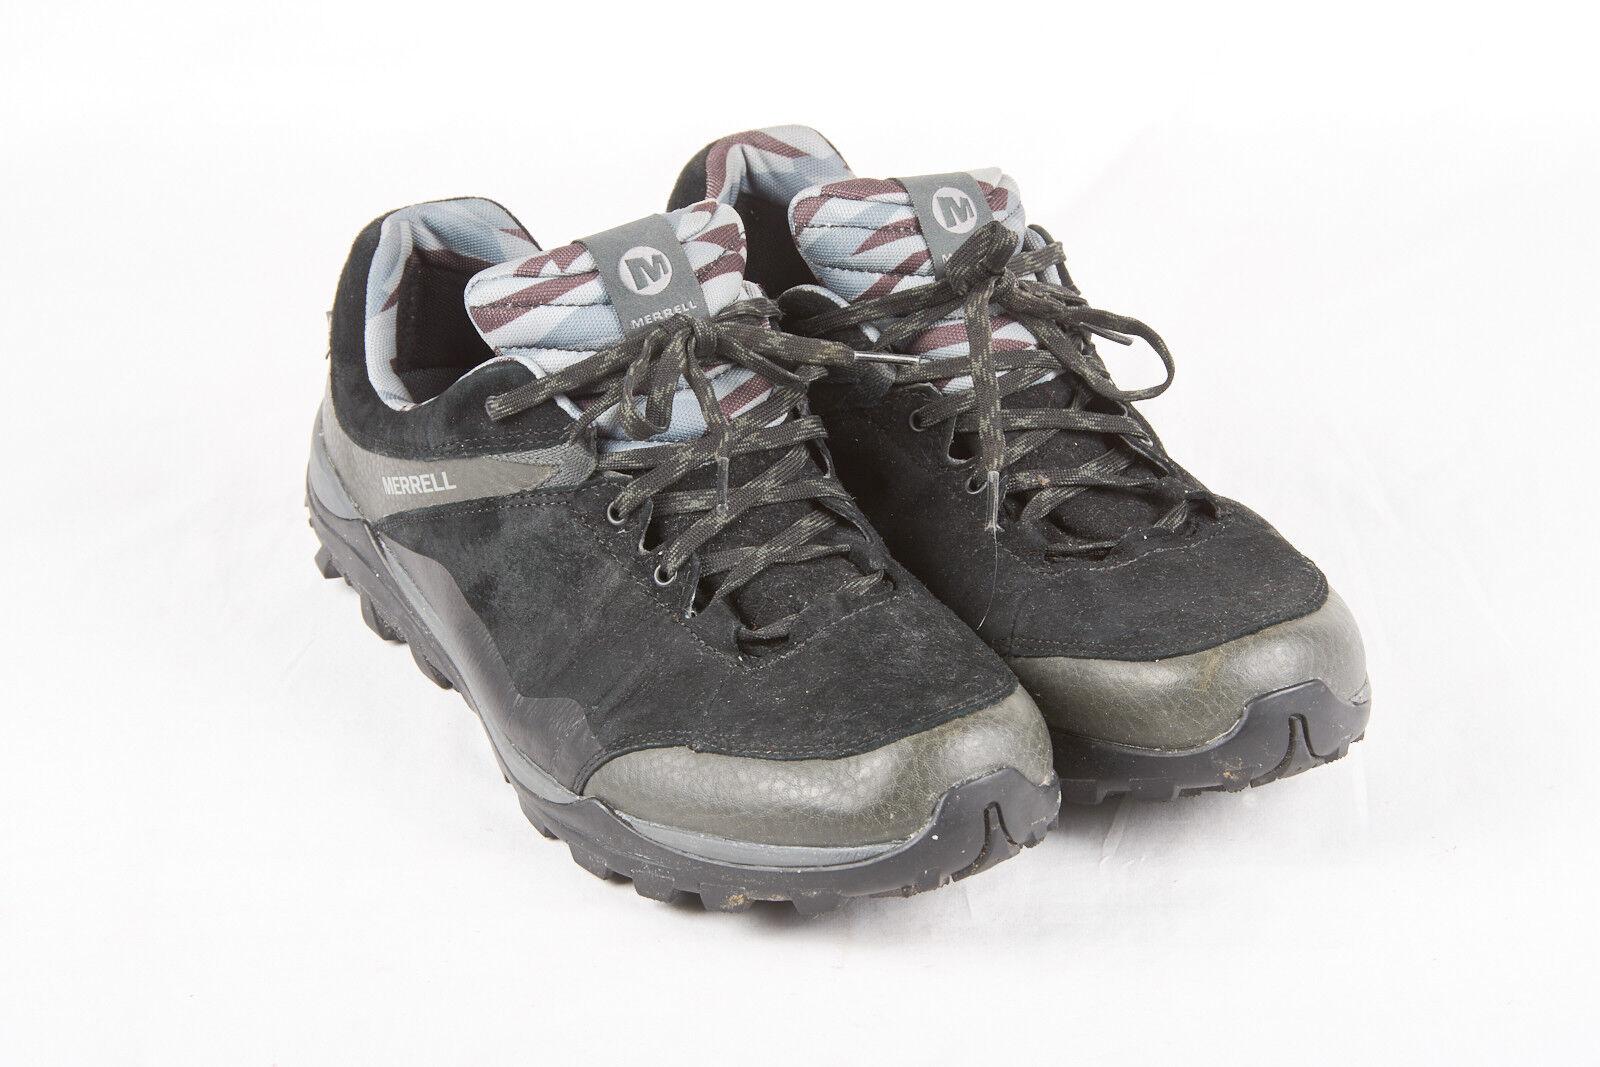 Herren Merrell Schuhe Größe 12 in Rabe Rabe Rabe Schwarzes Veloursleder J32175 Fraxion 0e1da9